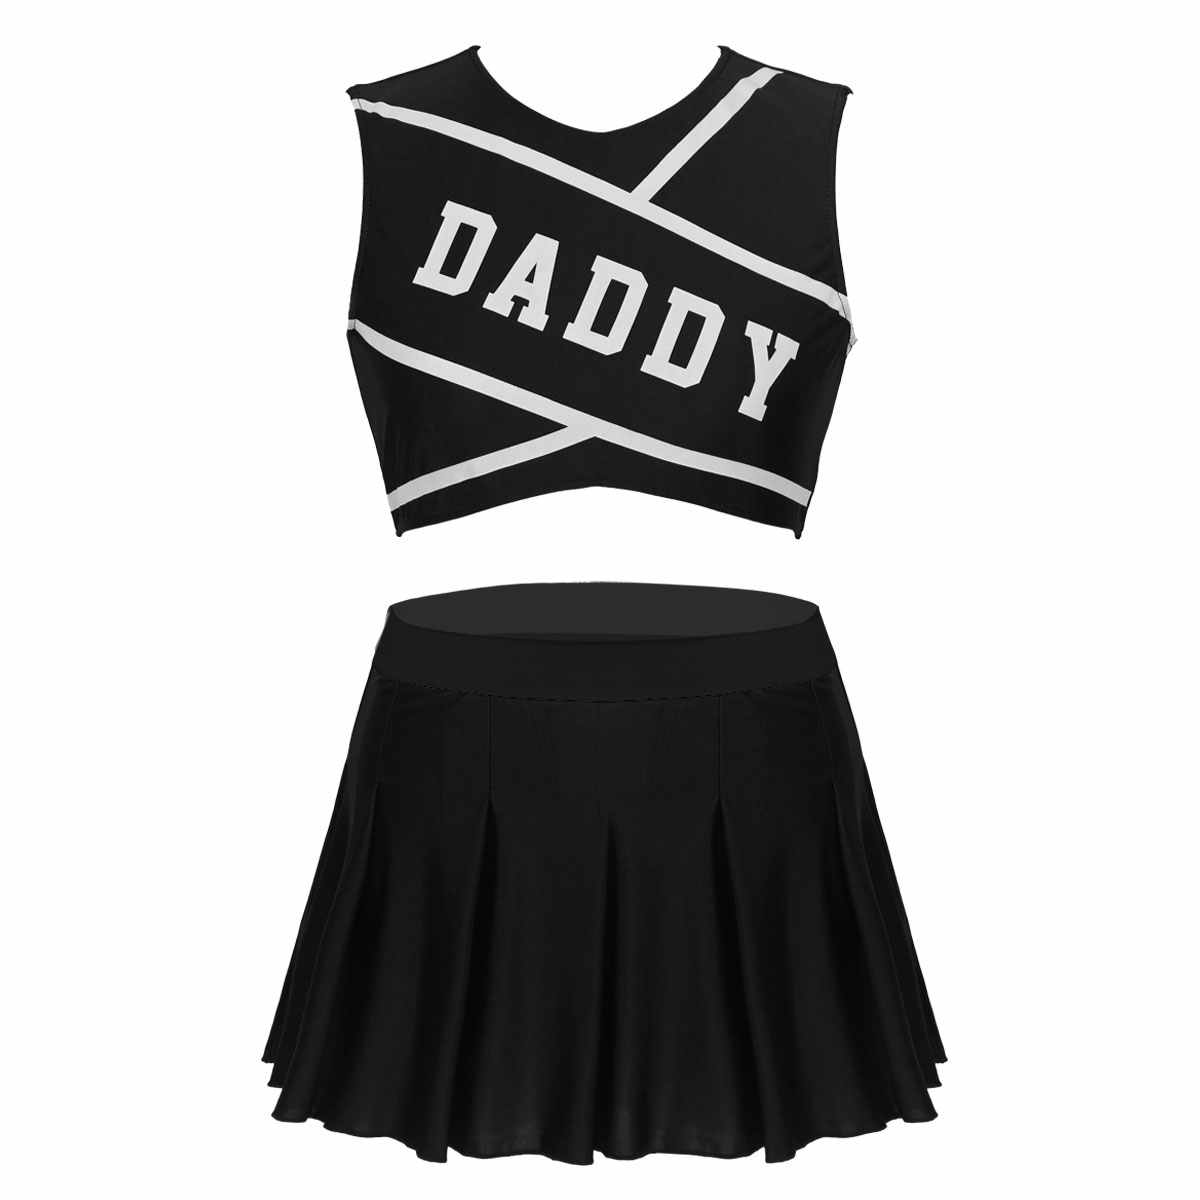 Frauen Cheerleader Kostüm Schule mädchen sexy Cosplay kostüm rave outfits Rundhals Ärmel Crop Top mit Mini Plissee Rock